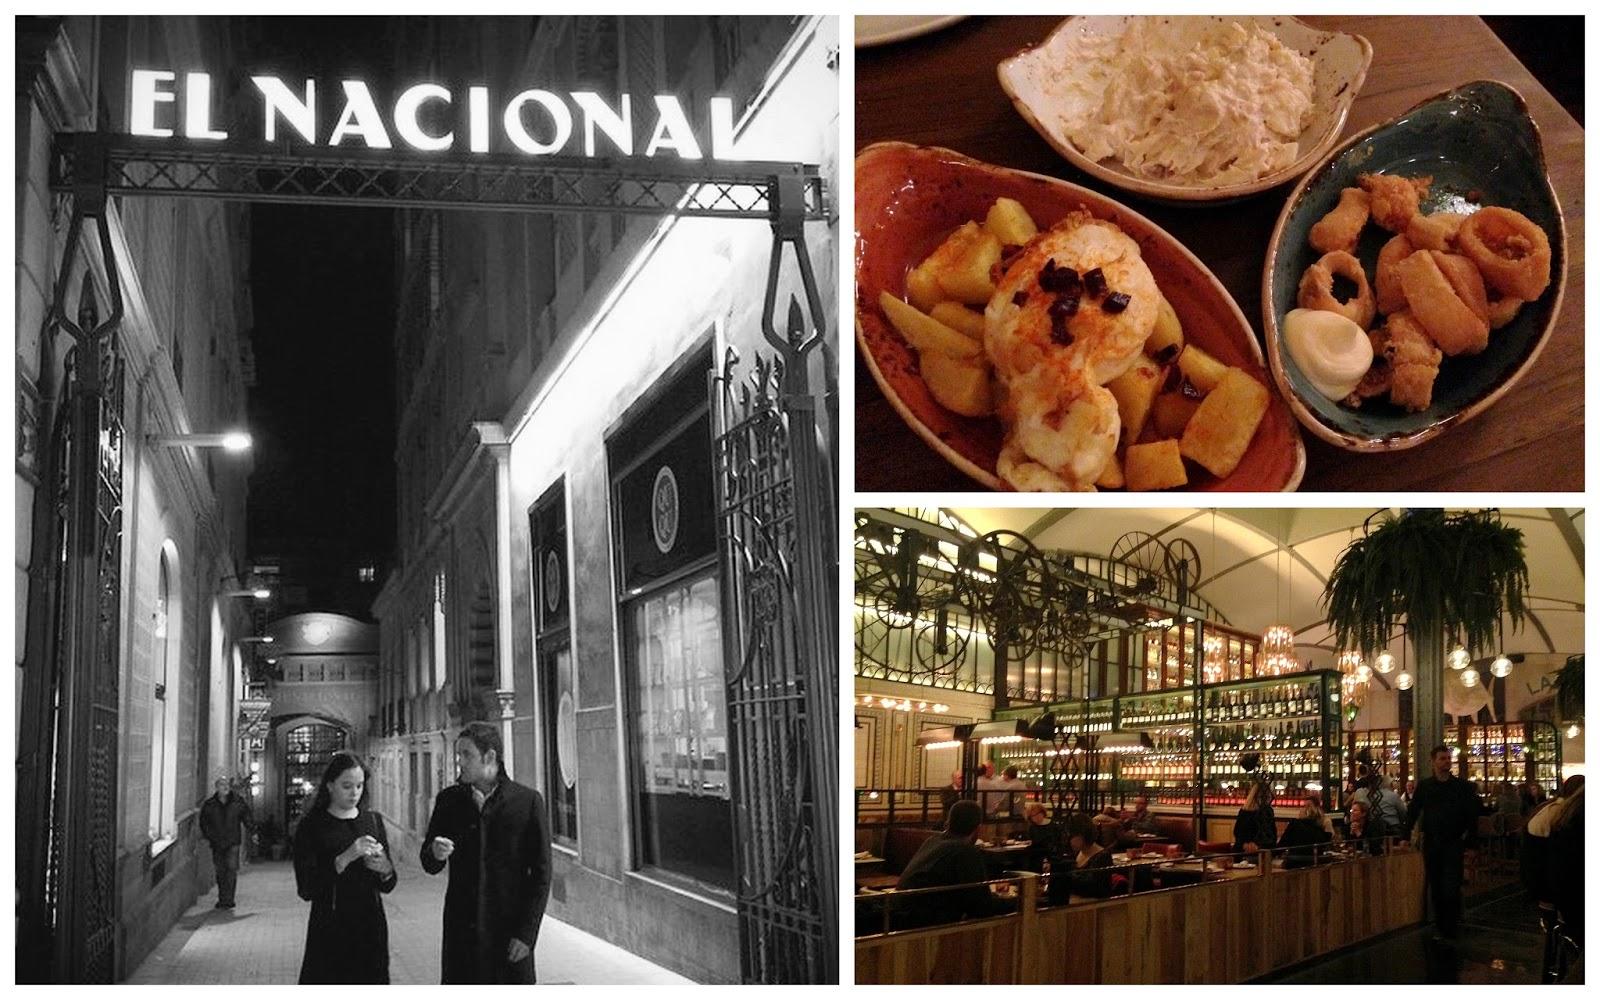 restaurante el nacional tapas la taperia sitio encanto gastronomia barcelona mágica bcn